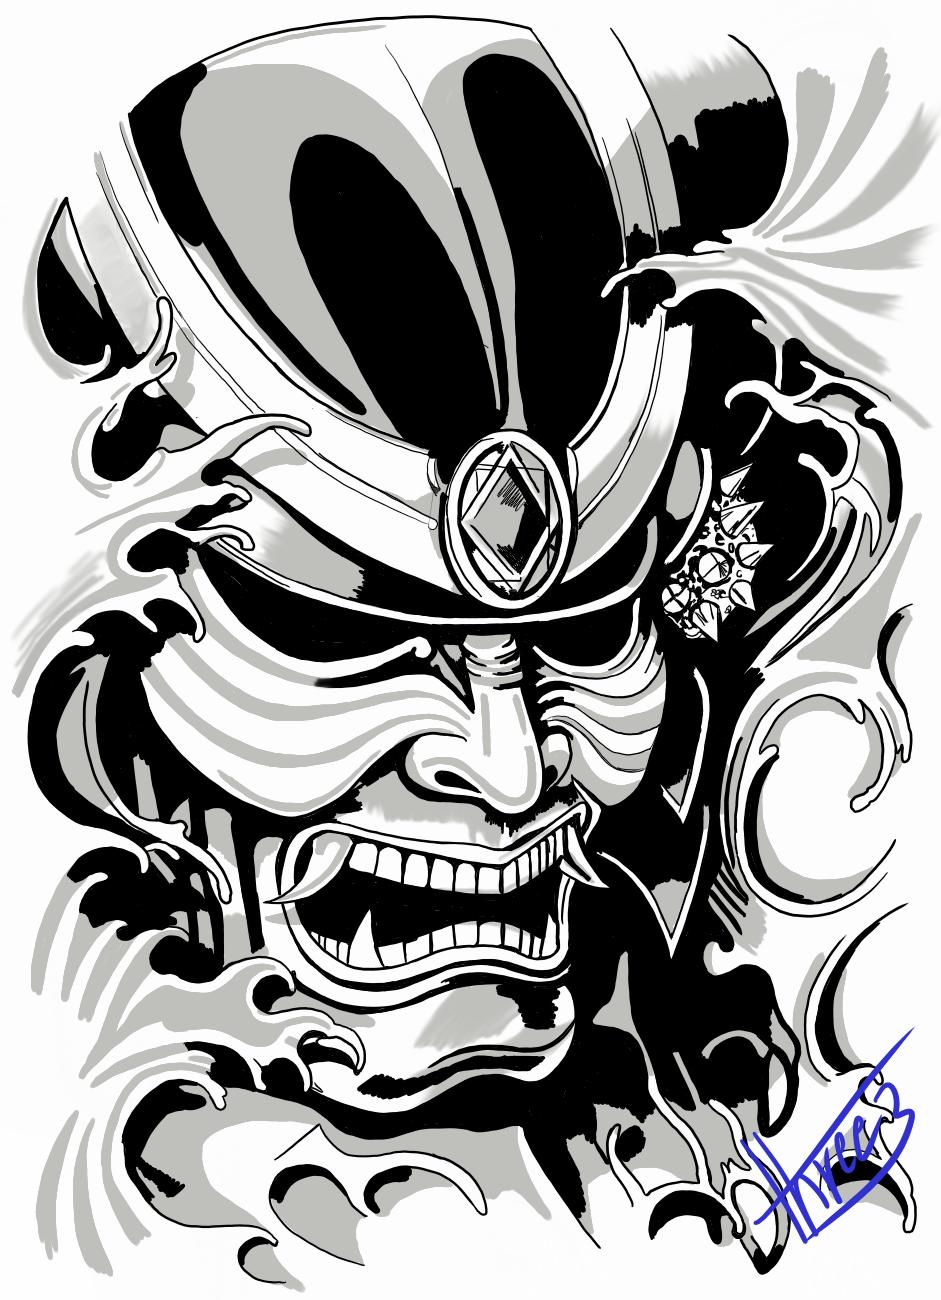 Samurai Mask By Threeharom On Deviantart In 2021 Samurai Mask Tattoo Samurai Tattoo Design Dragon Tattoo Art